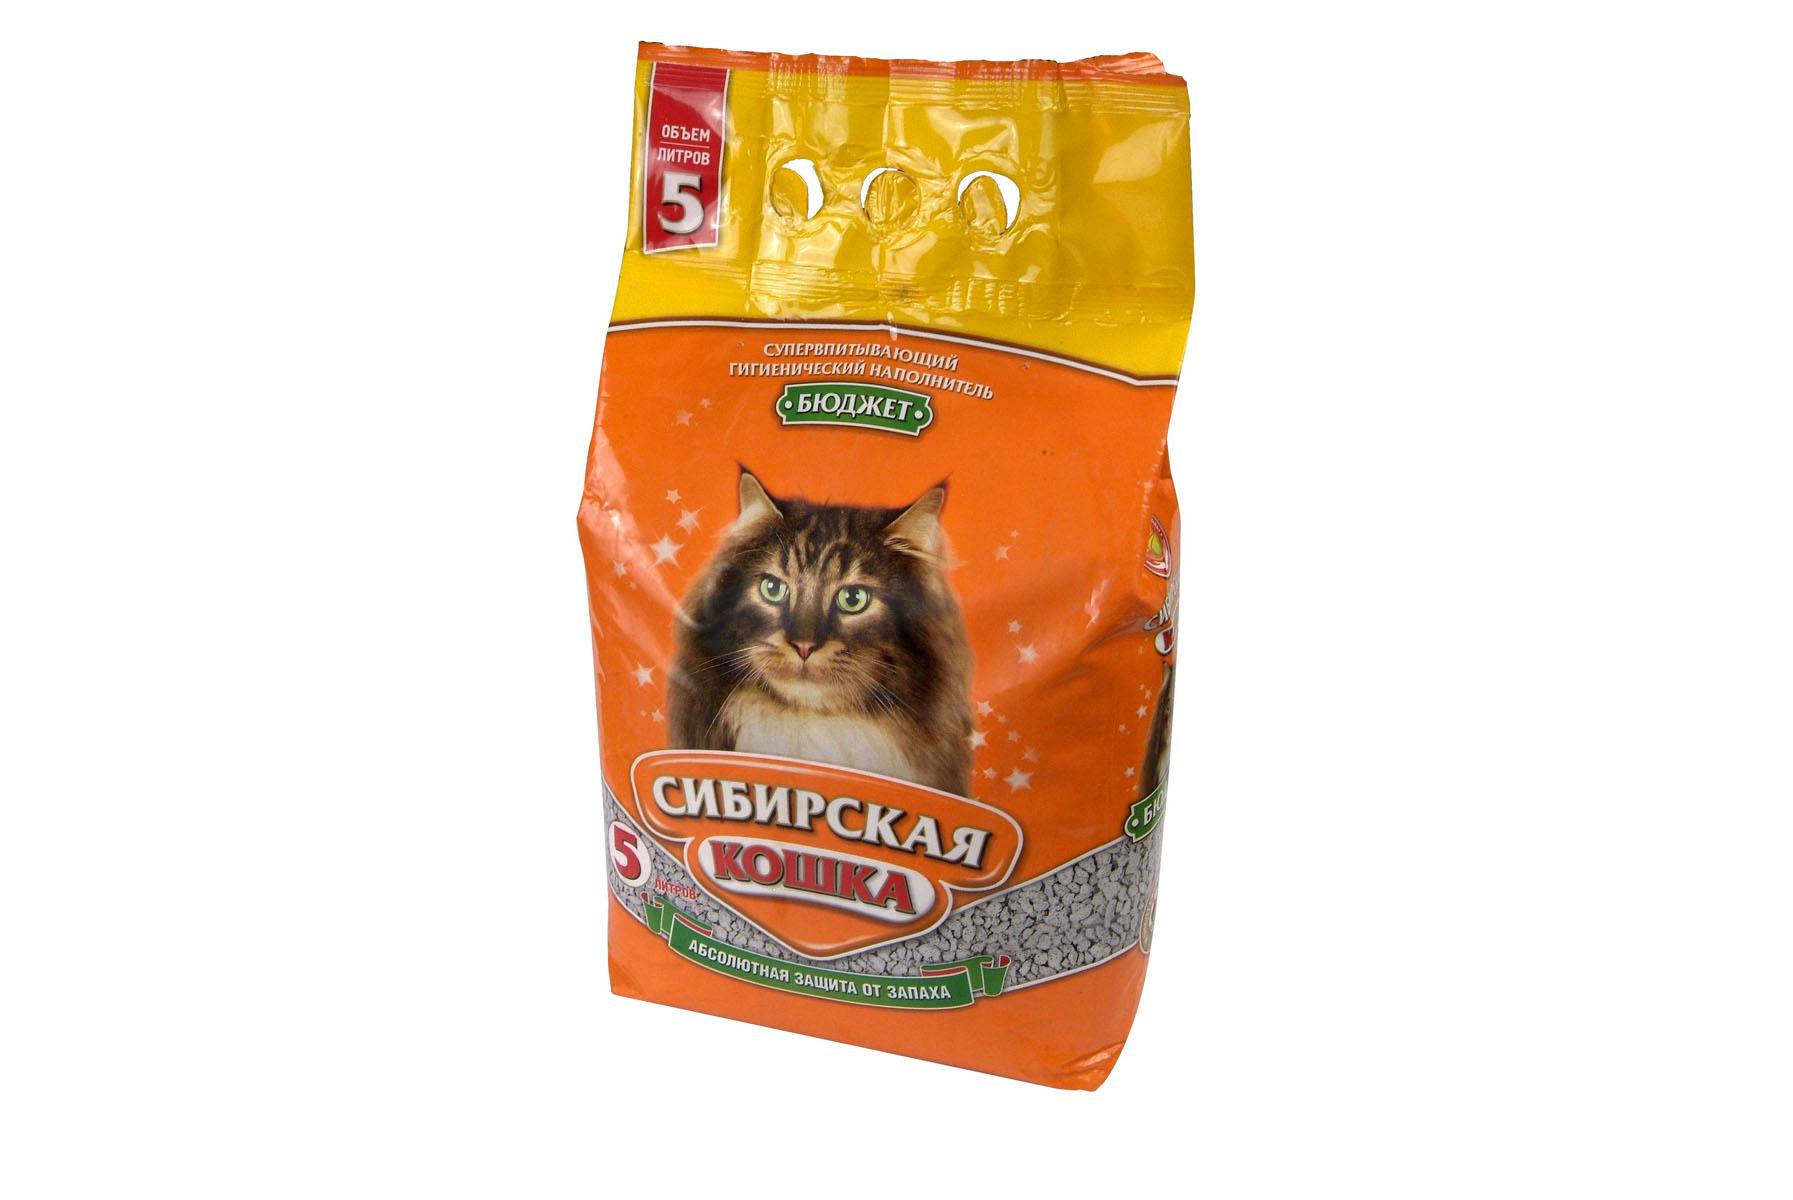 Наполнитель для кошачьих туалетов Сибирская Кошка Бюджет, 5 л0120710Наполнитель для кошачьих туалетов Сибирская Кошка Бюджет -супервпитывающий гигиенический наполнитель, экологически чистый продукт,который изготавливается из композиций редких природных минералов.Благодаря высочайшим адсорбционным свойствам хорошо поглощает всенеприятные запахи, замедляет развитие болезнетворных организмов,непревзойденно втягивает влагу. Влага, попадая в лоток, быстро просачиваетсявниз и впитывается нижними слоями наполнителя. Не оставляет грязи, и невозникнет практически никаких комков. Вам не потребуется каждодневного уходаза кошачьим туалетом. Состав: природные минералы. Товар сертифицирован.